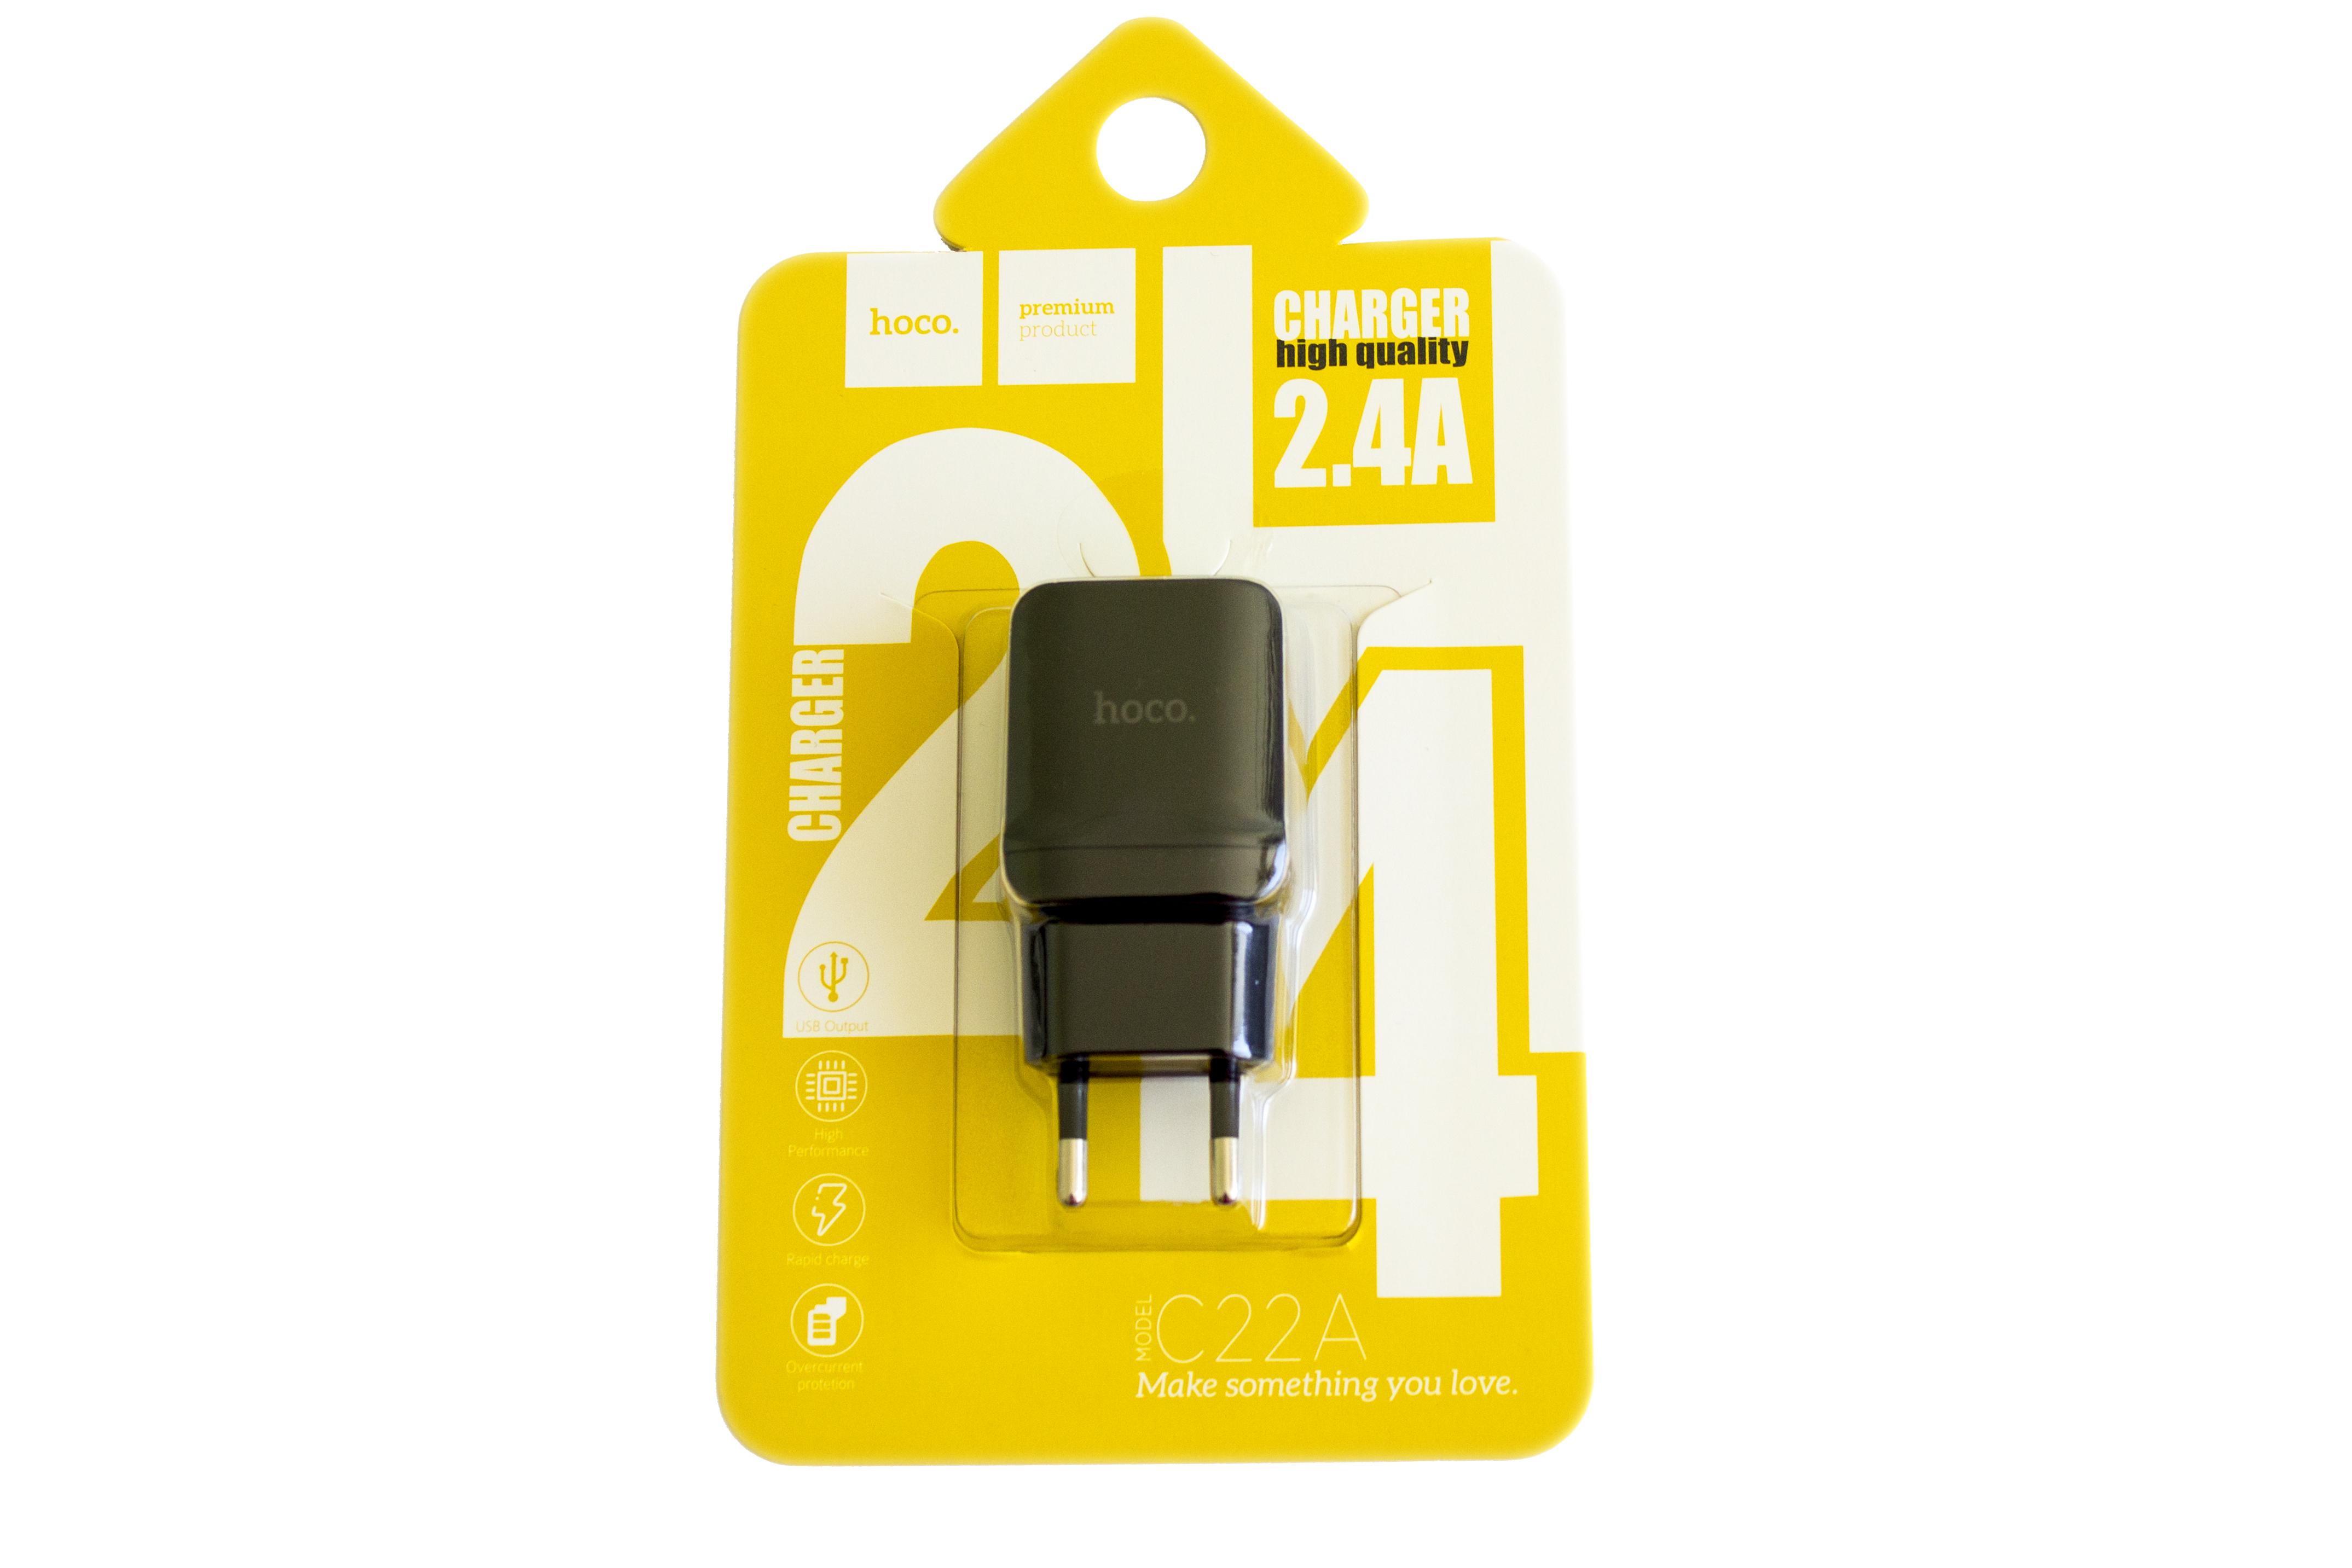 Мережевий зарядний пристрій Hoco C22А Little Superior USB Charger 2.4A